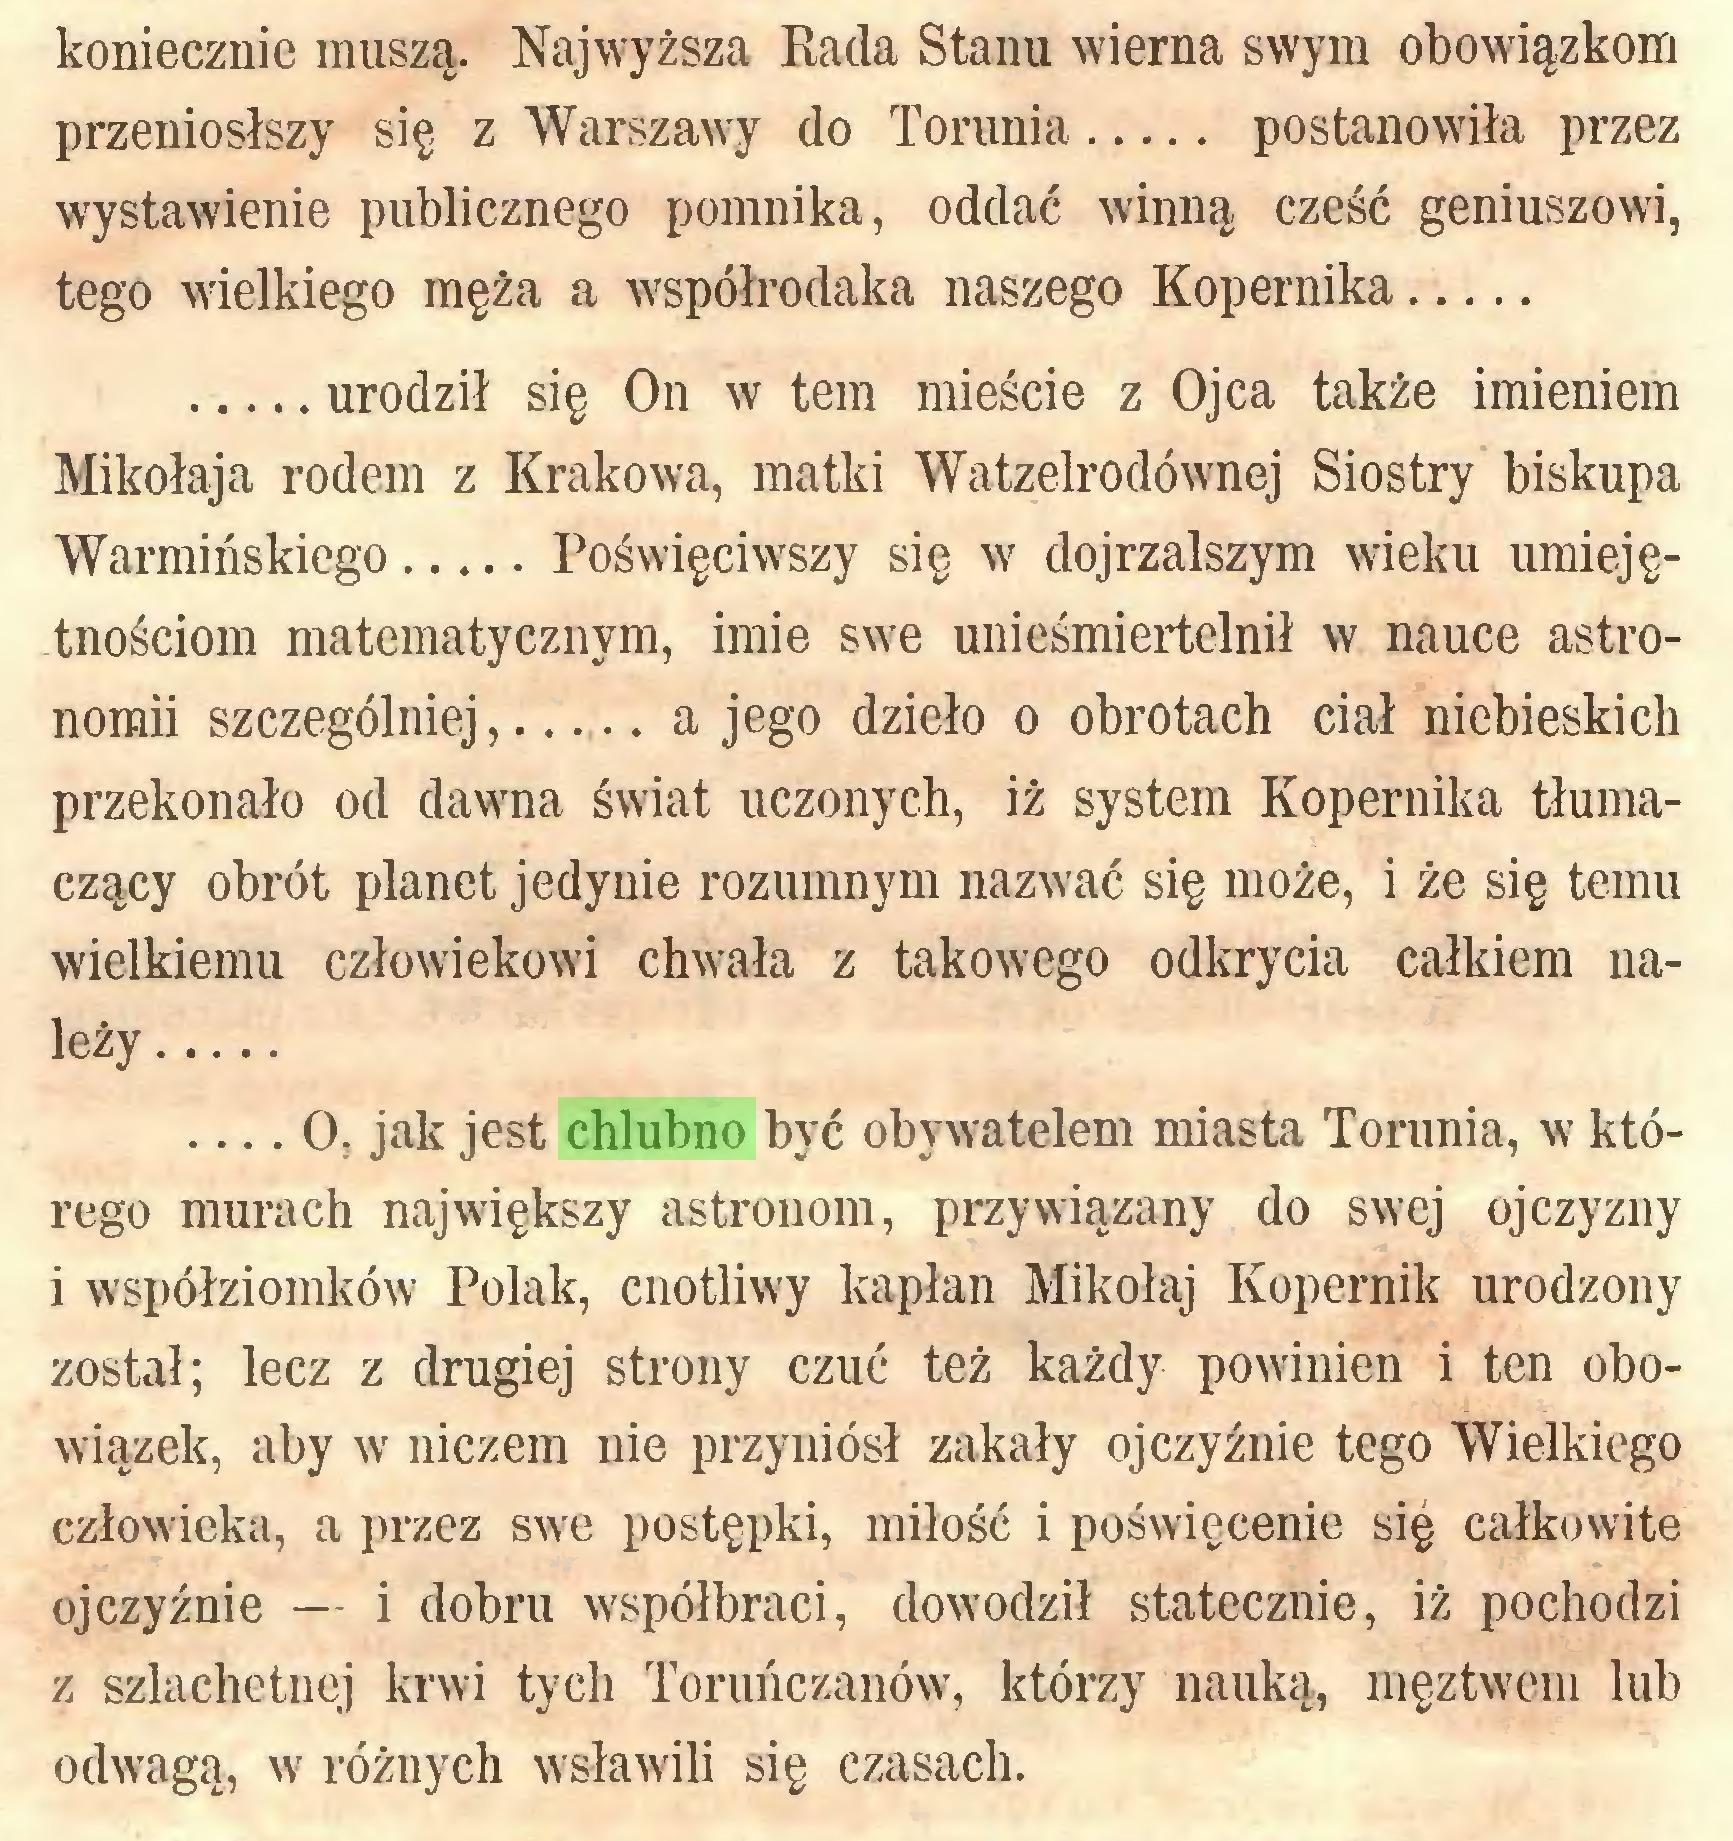 (...) koniecznie muszą. Najwyższa Rada Stanu wierna swym obowiązkom przeniósłszy się z Warszawy do Torunia postanowiła przez wystawienie publicznego pomnika, oddać winną cześć geniuszowi, tego wielkiego męża a współrodaka naszego Kopernika urodził się On w tern mieście z Ojca także imieniem Mikołaja rodem z Krakowa, matki Watzelrodównej Siostry biskupa Warmińskiego Poświęciwszy się w dojrzalszym wieku umiejętnościom matematycznym, imię swe unieśmiertelnił w nauce astronomii szczególniej a jego dzieło o obrotach ciał niebieskich przekonało od dawma świat uczonych, iż system Kopernika tłumaczący obrót planet jedynie rozumnym nazwać się może, i że się temu wielkiemu człowiekowi chwsła z takowego odkrycia całkiem należy ... O, jak jest chlubno być obywatelem miasta Torunia, w którego murach największy astronom, przywiązany do swej ojczyzny i współziomków Polak, cnotliwy kapłan Mikołaj Kopernik urodzony został; lecz z drugiej strony czuć też każdy powinien i ten obowiązek, aby w niczem nie przyniósł zakały ojczyźnie tego Wielkiego człowieka, a przez swe postępki, miłość i poświęcenie się całkowite ojczyźnie — i dobru współbraci, dowodził statecznie, iż pochodzi z szlachetnej krwi tych Toruńczanów, którzy nauką, męztwem lub odwagą, w różnych wsławili się czasach...